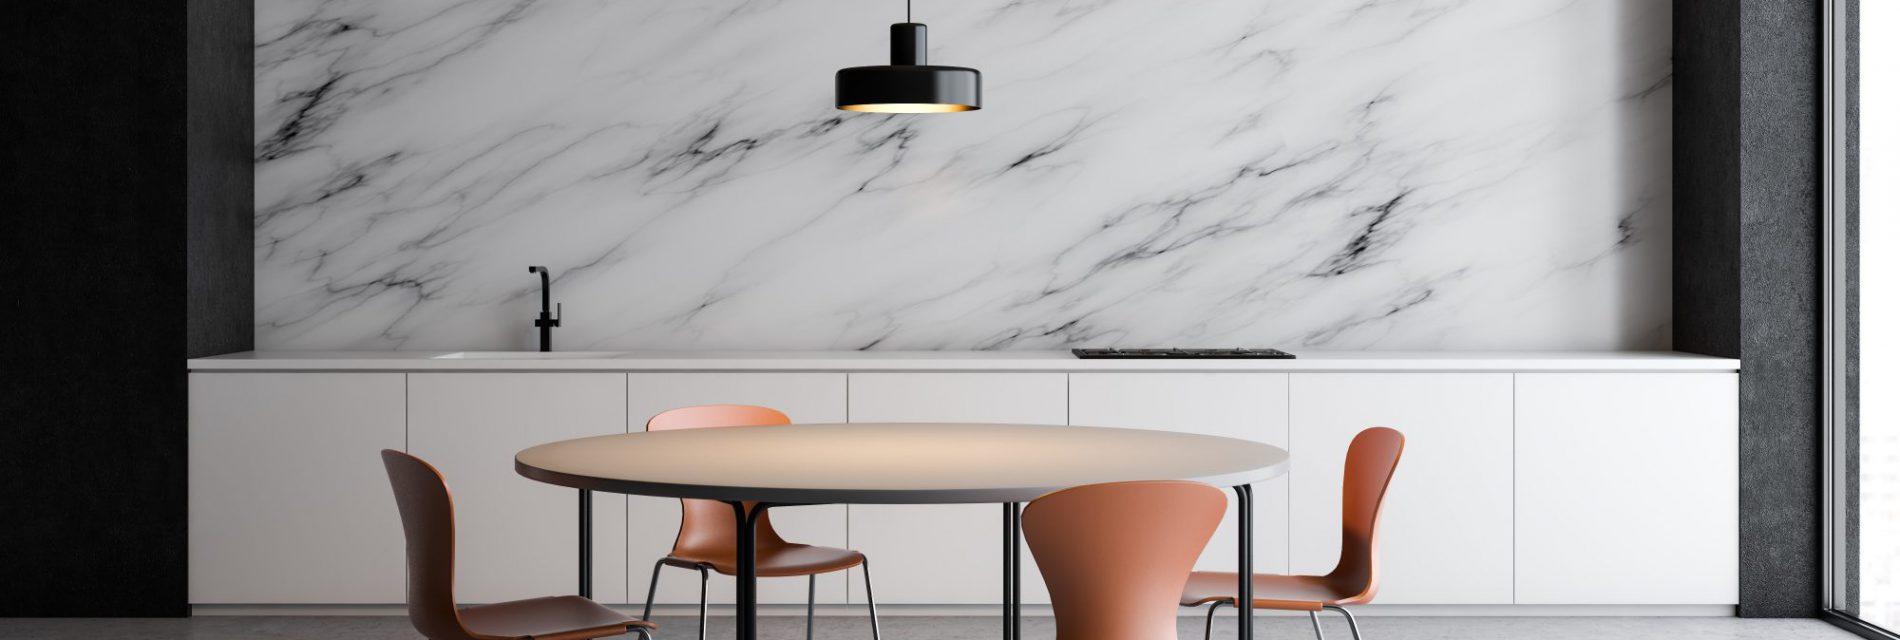 mobilier marbre